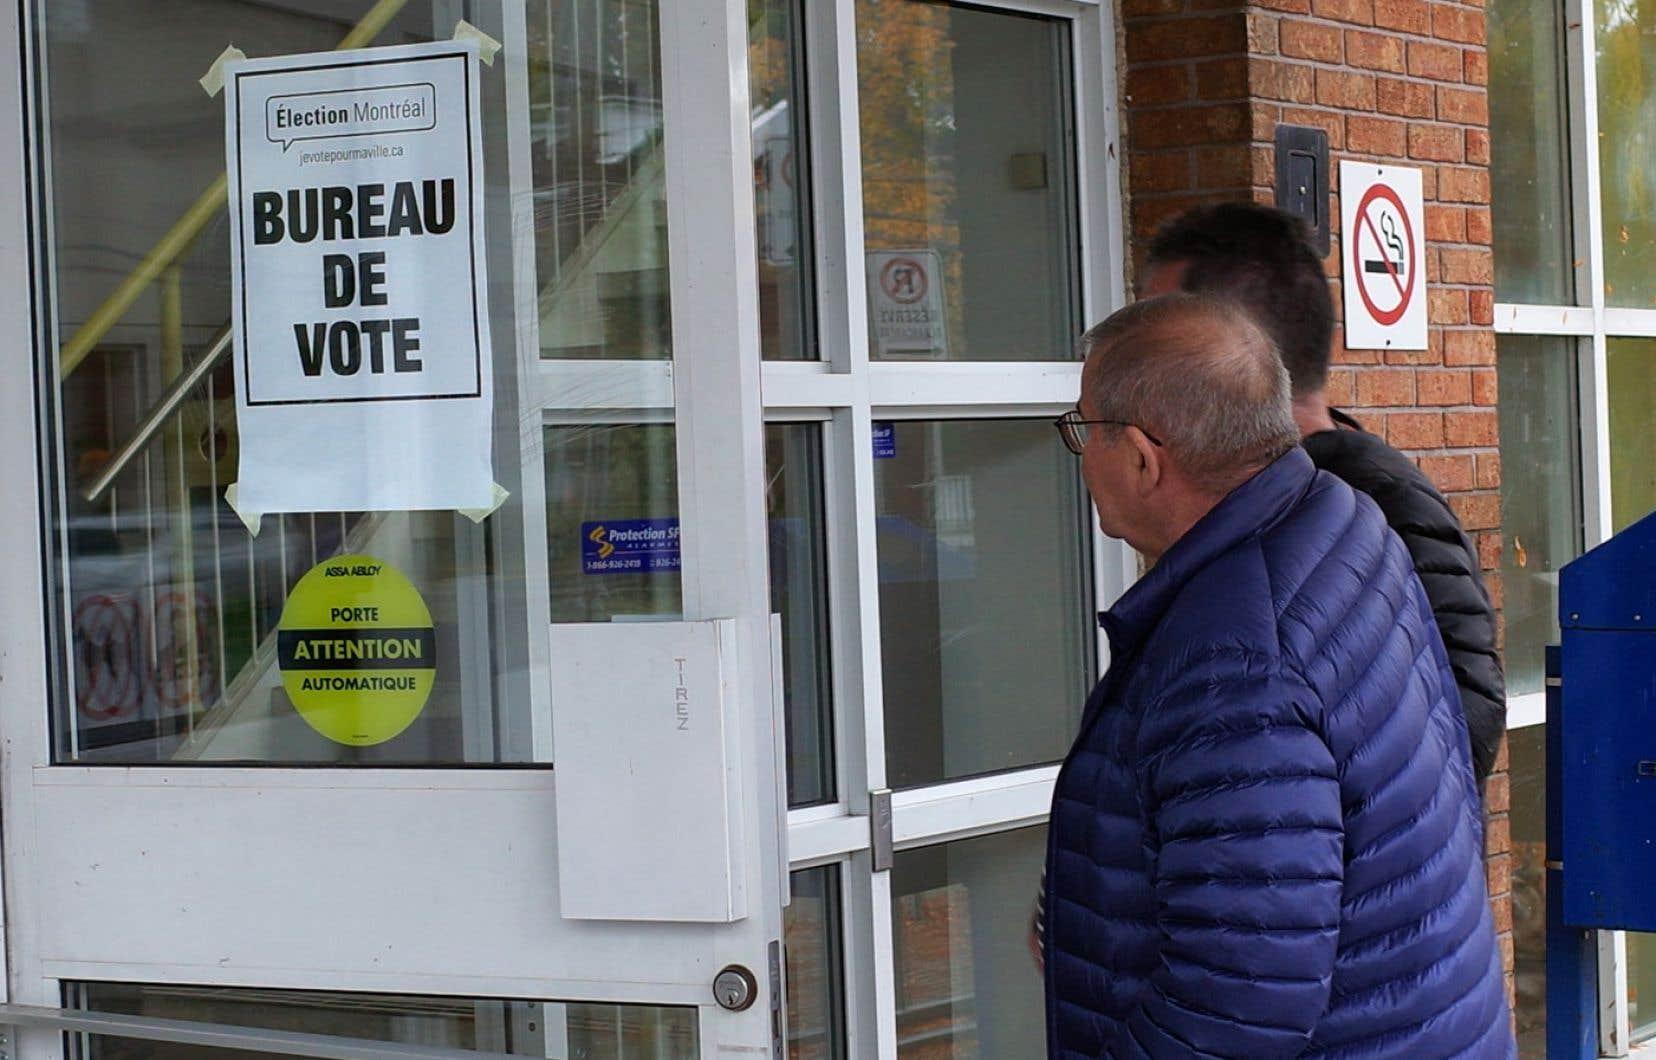 Les Montréalais pourront voter par anticipation les 30 et 31octobre de 9h30 à 20h dans une centaine d'endroits sur le territoire.